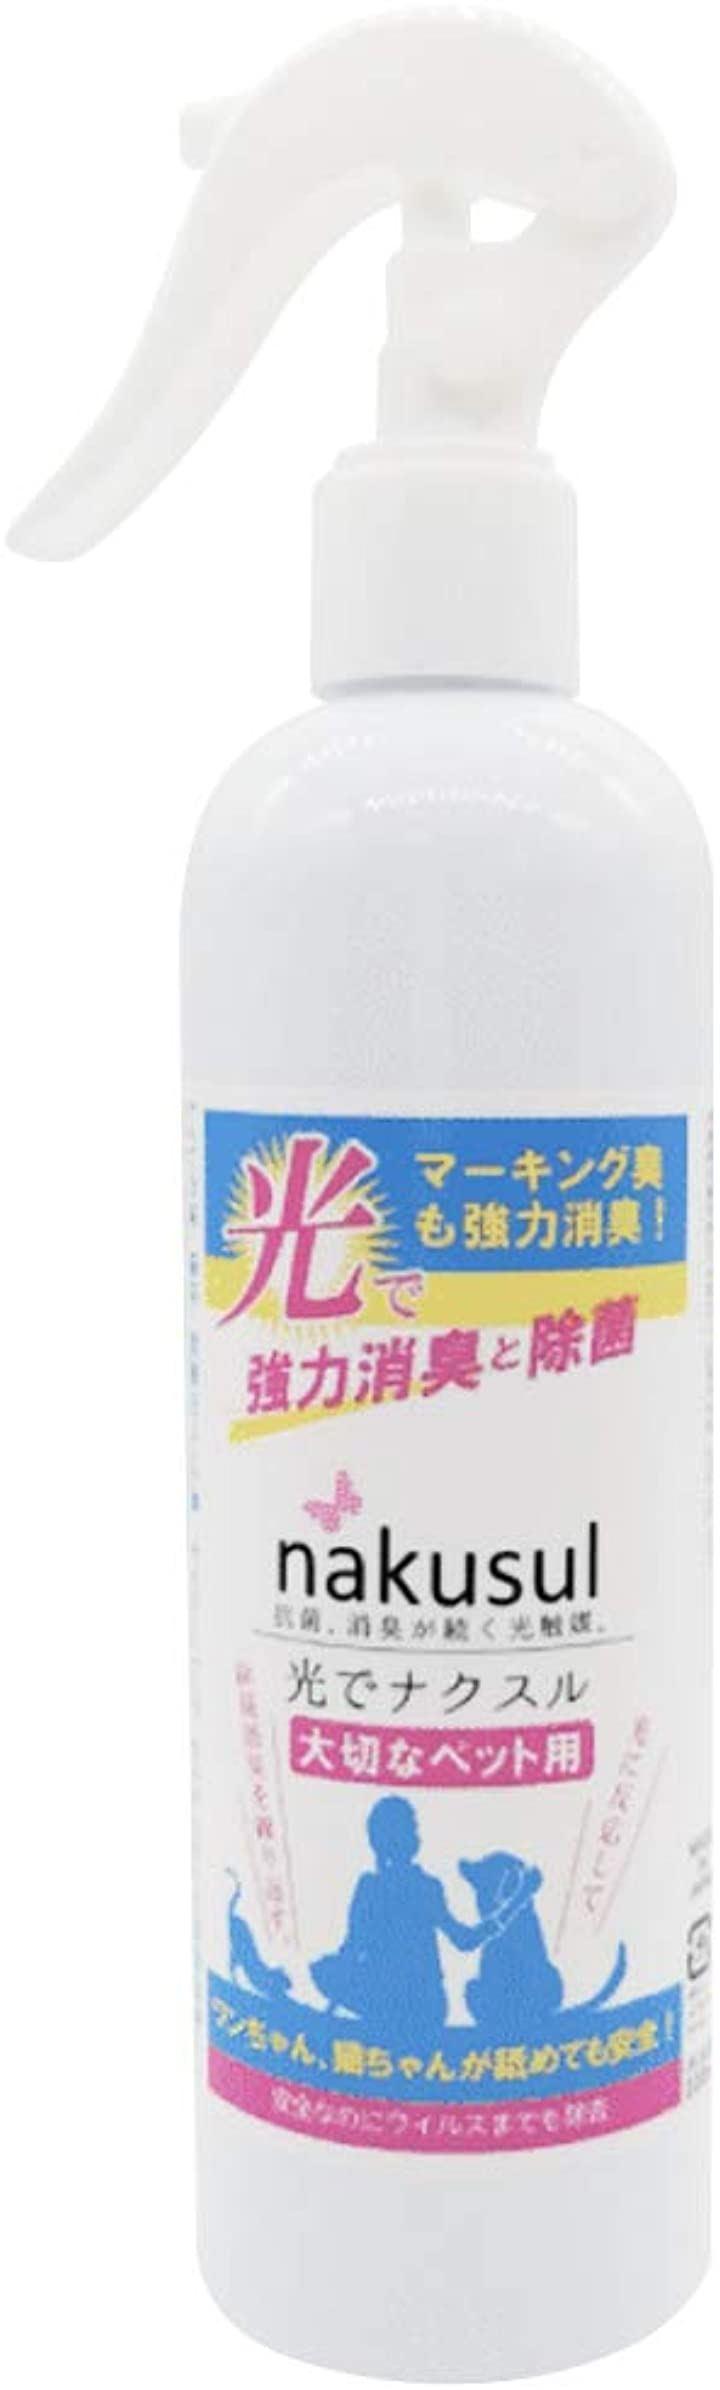 ペット 消臭スプレー 消臭剤 除菌剤 光触媒スプレー 300ml